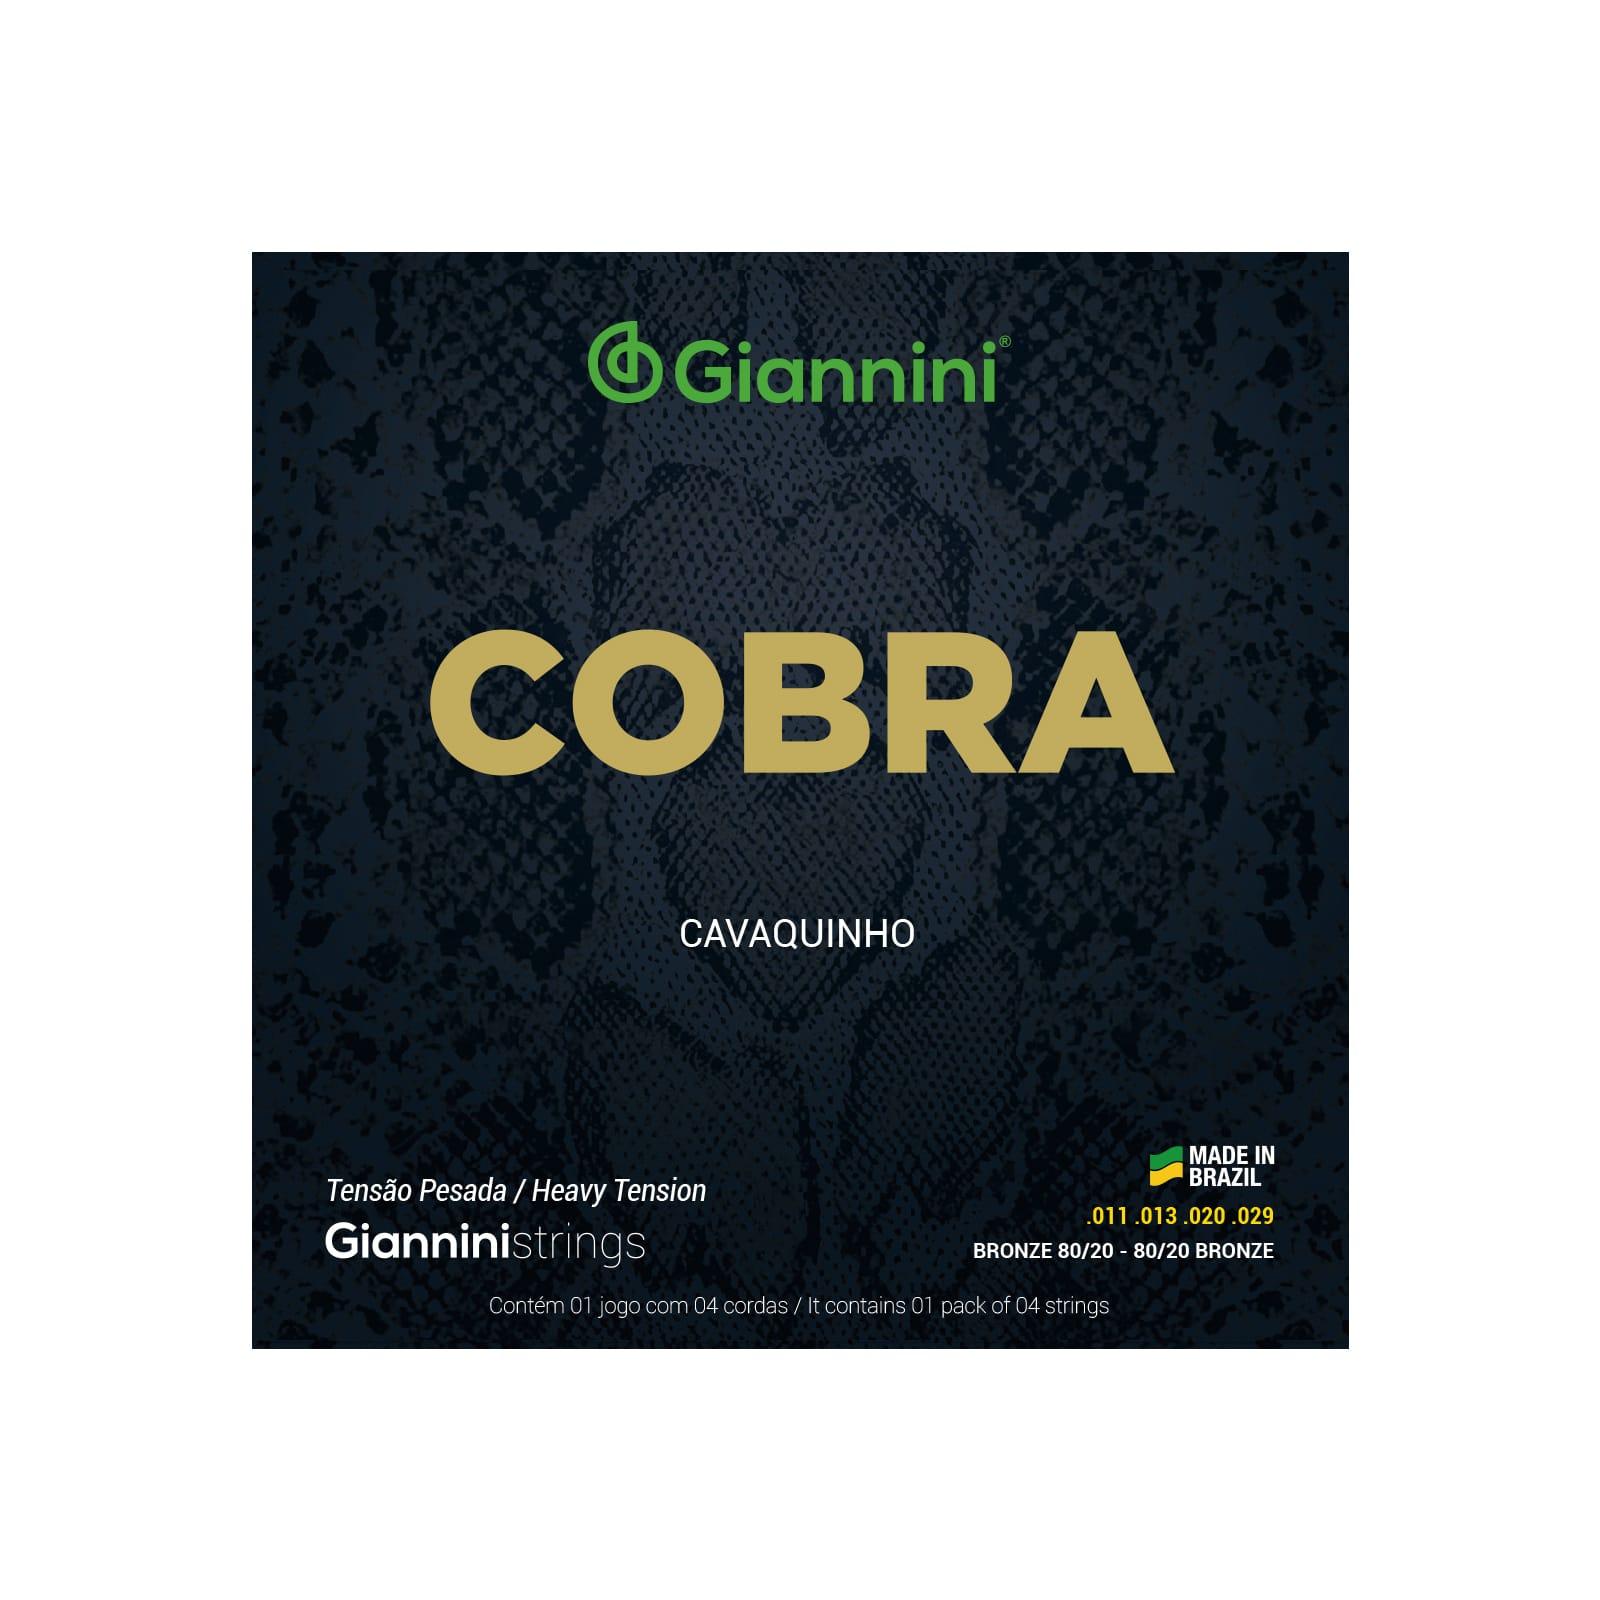 Encordoamento Giannini Cobra Cavaquinho Níquel Pesada Gescp